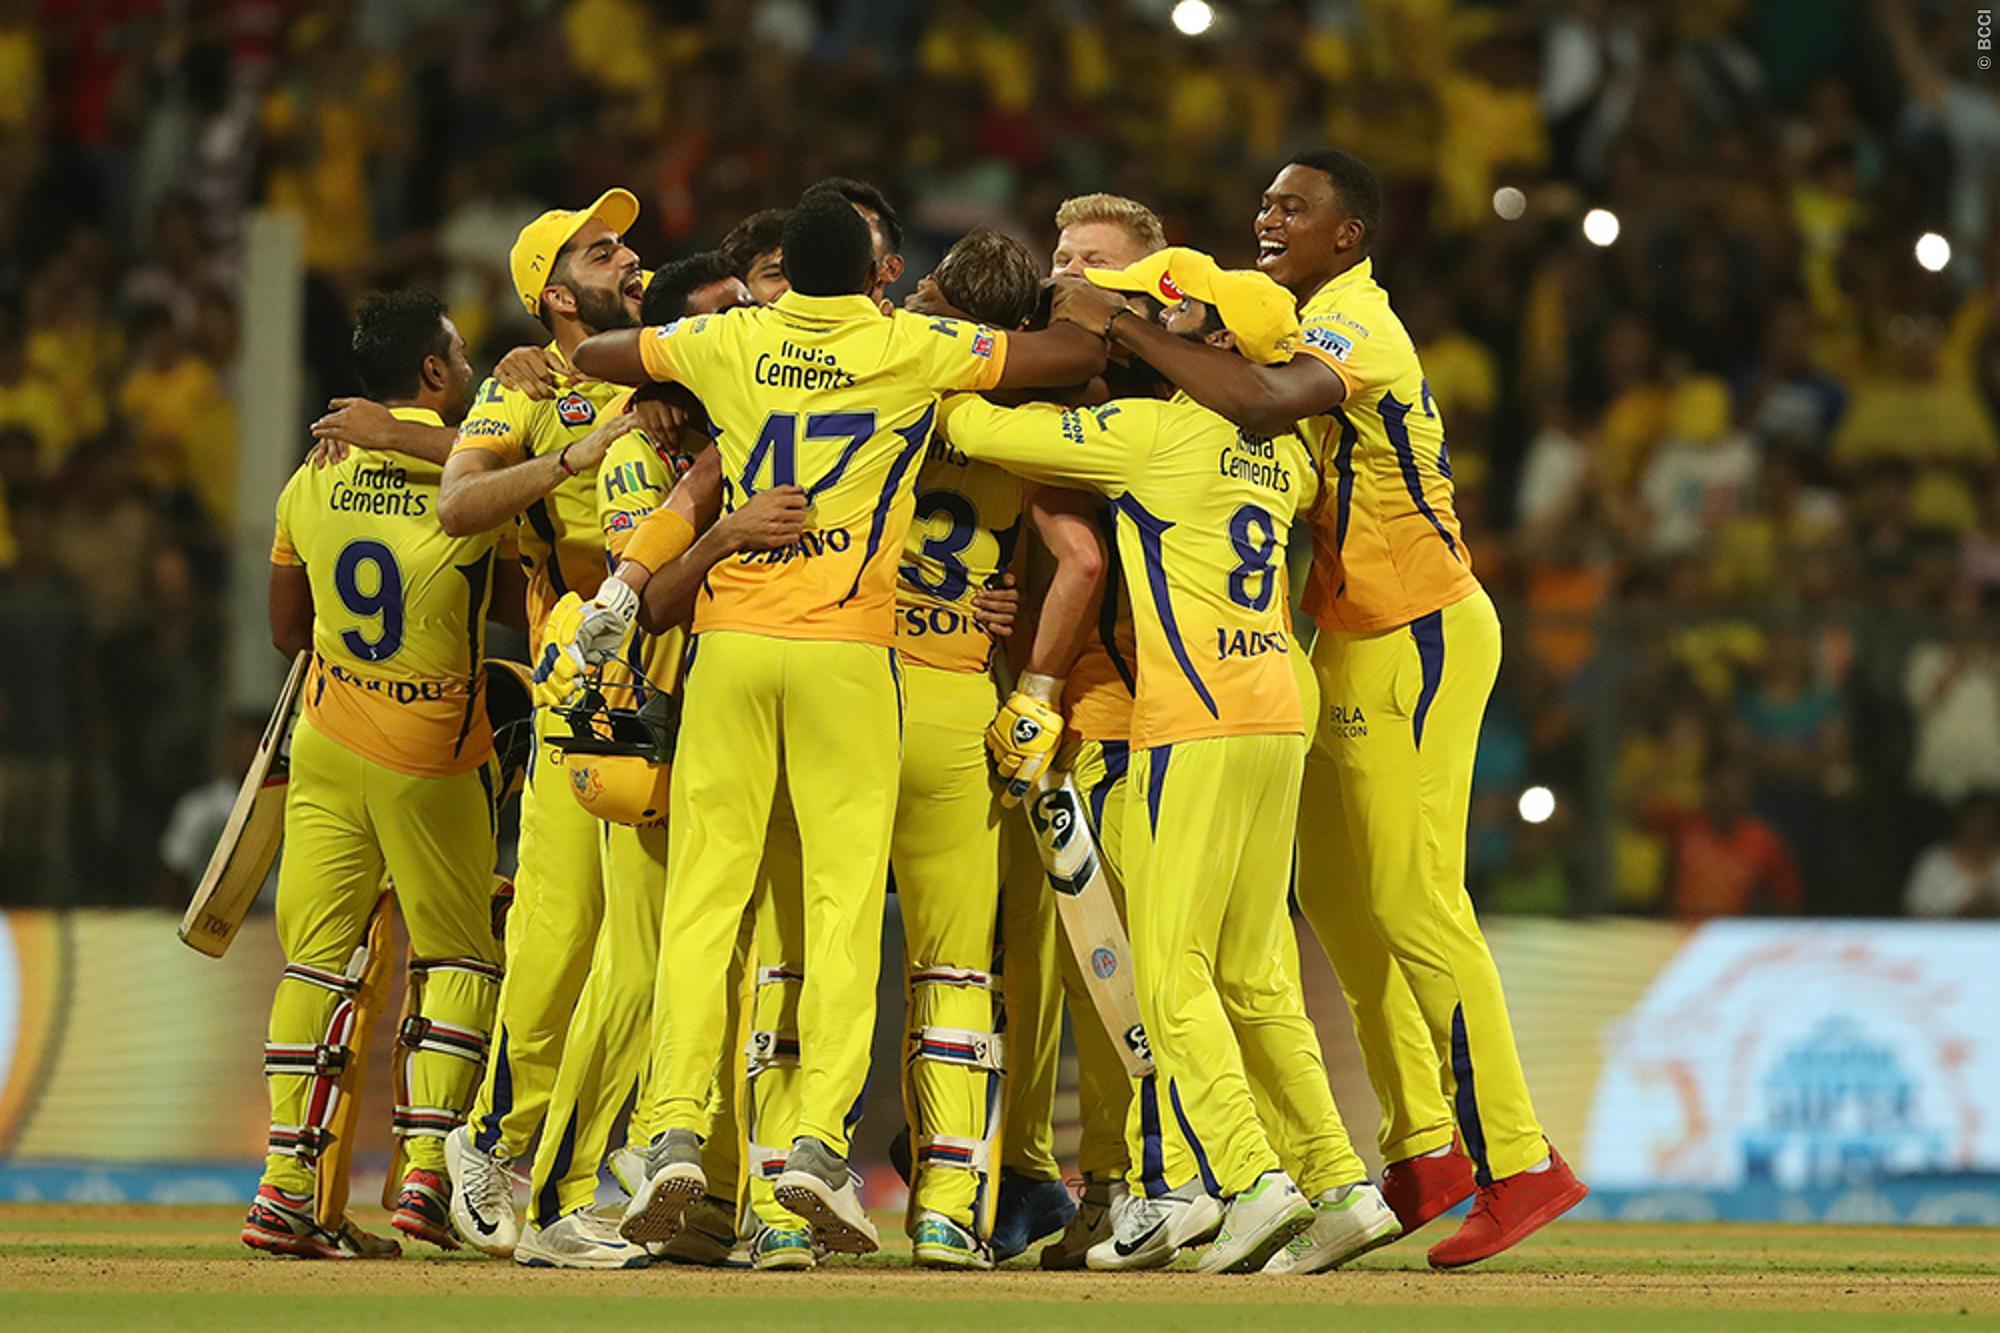 खराब शुरुआत और कप्तानी के अलावा इन कारणों से करना पड़ा हैदराबाद को फाइनल में हार का सामना 11